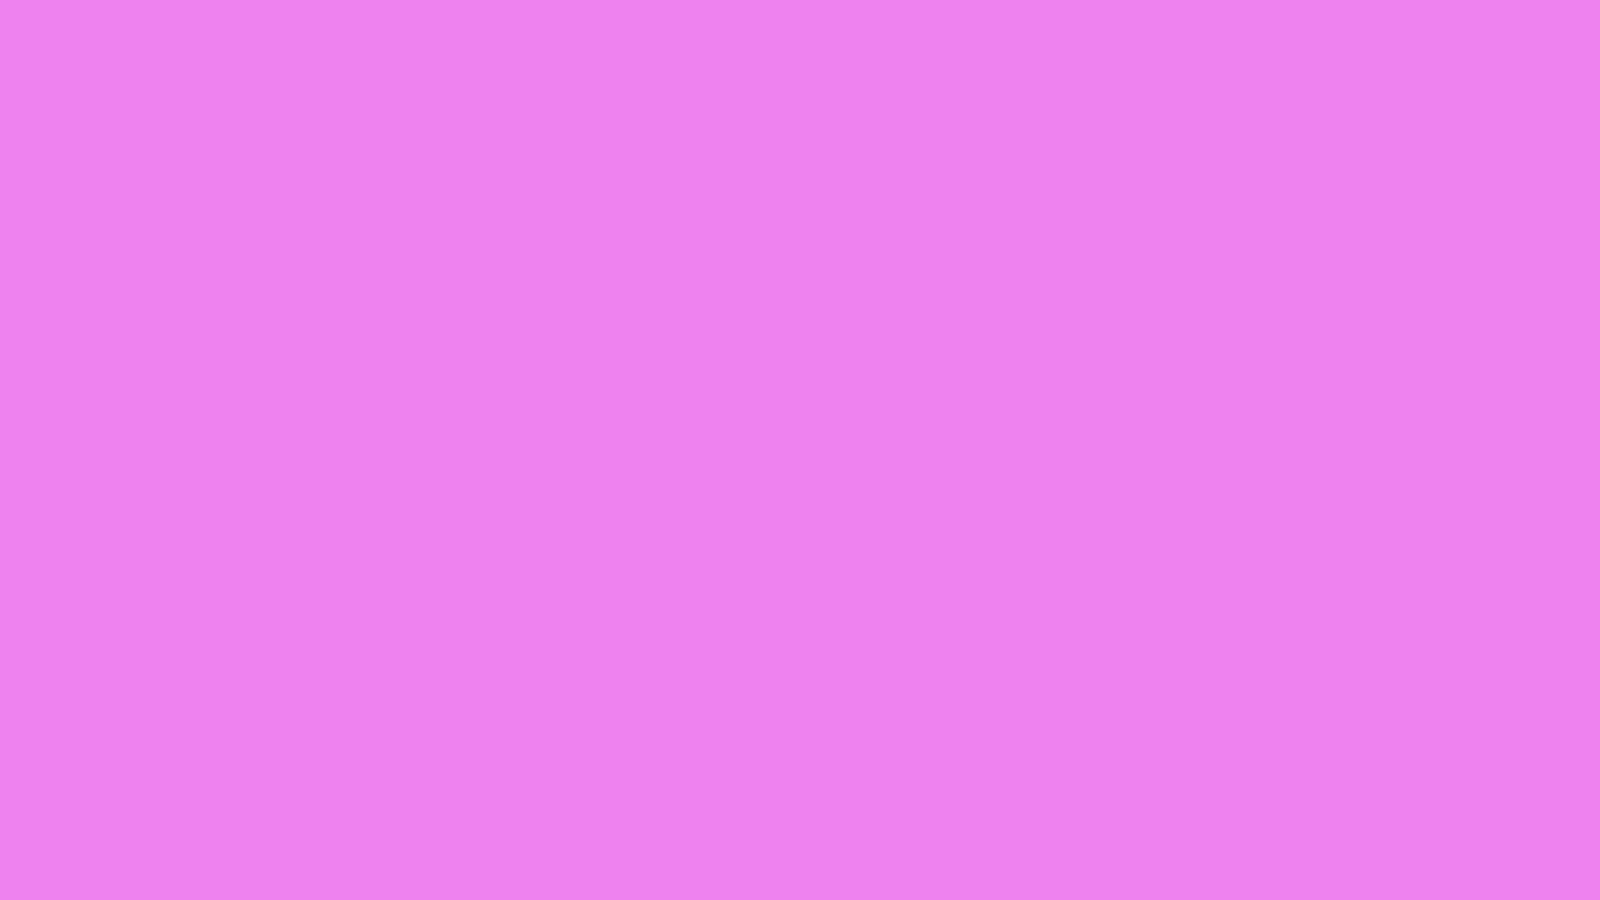 1600x900 Lavender Magenta Solid Color Background